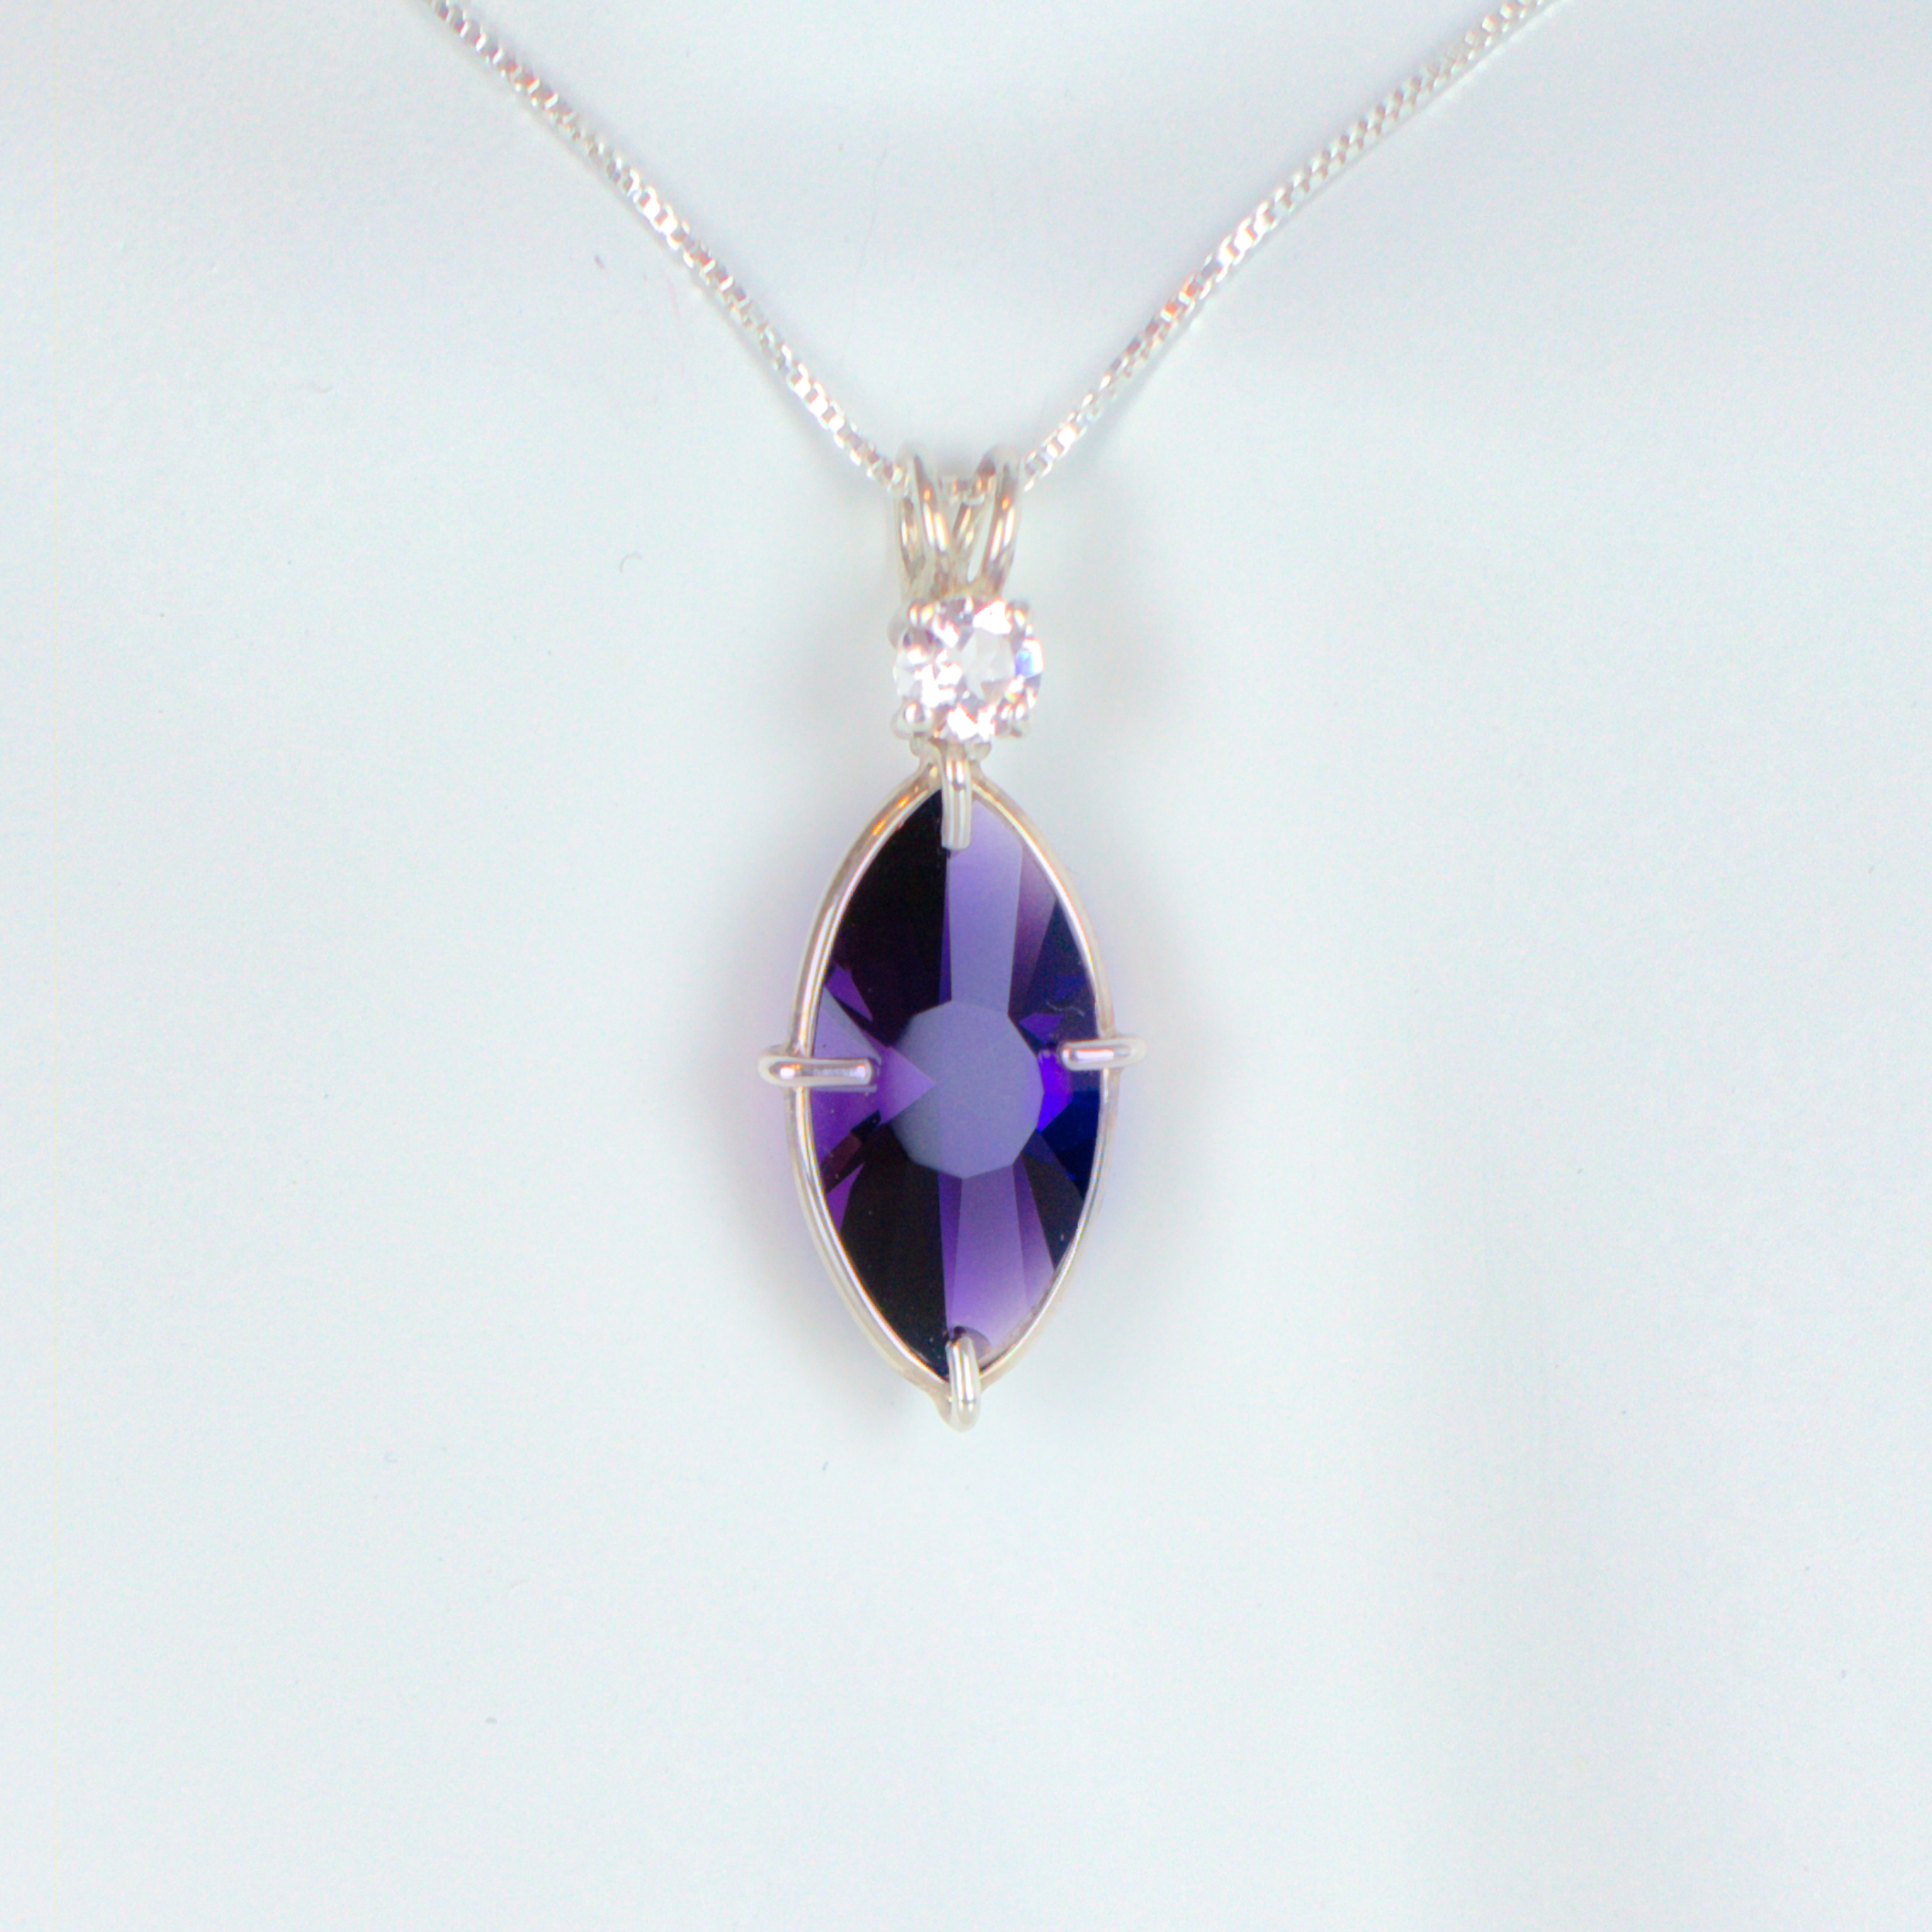 Siberian purple quartz & Morganite